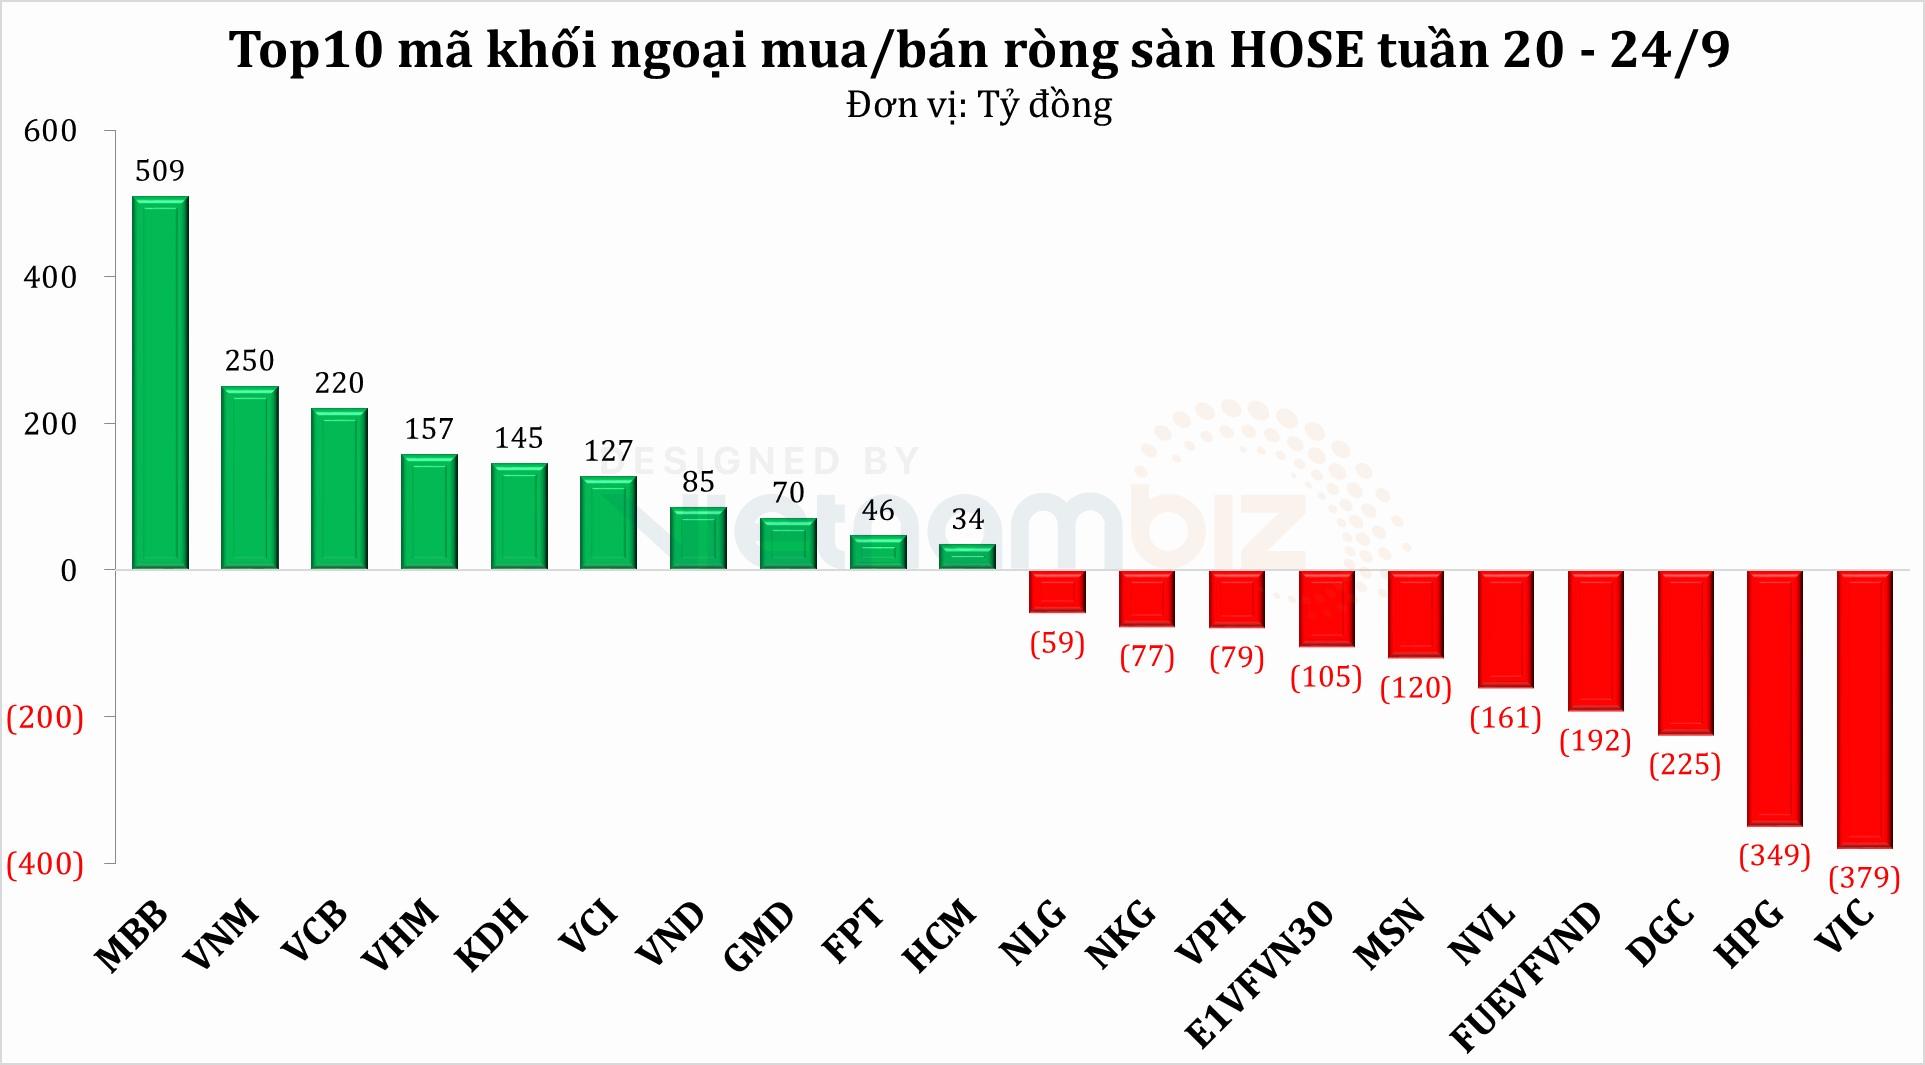 Tuần 20 - 24/9: Khối ngoại duy trì bán ròng khi thị trường đi ngang, dòng tiền trở lại nhóm ngân hàng - Ảnh 2.